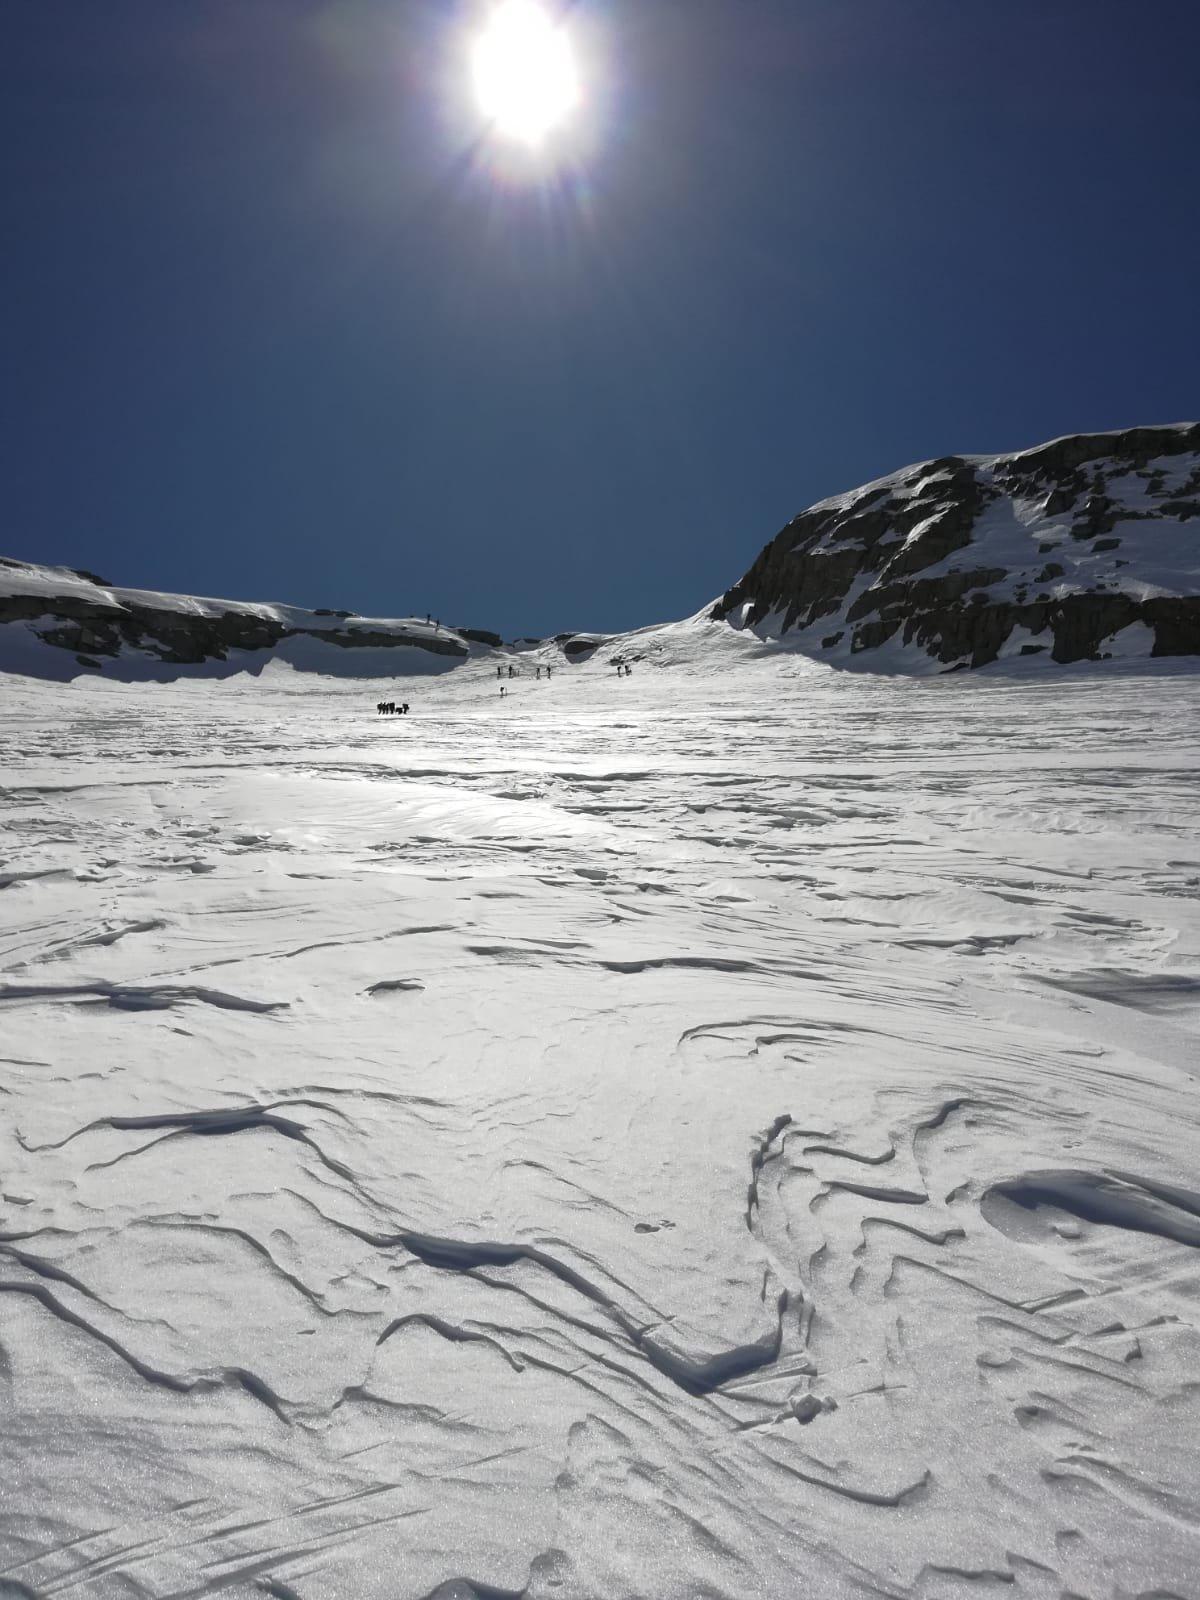 Skialper al deposito sci